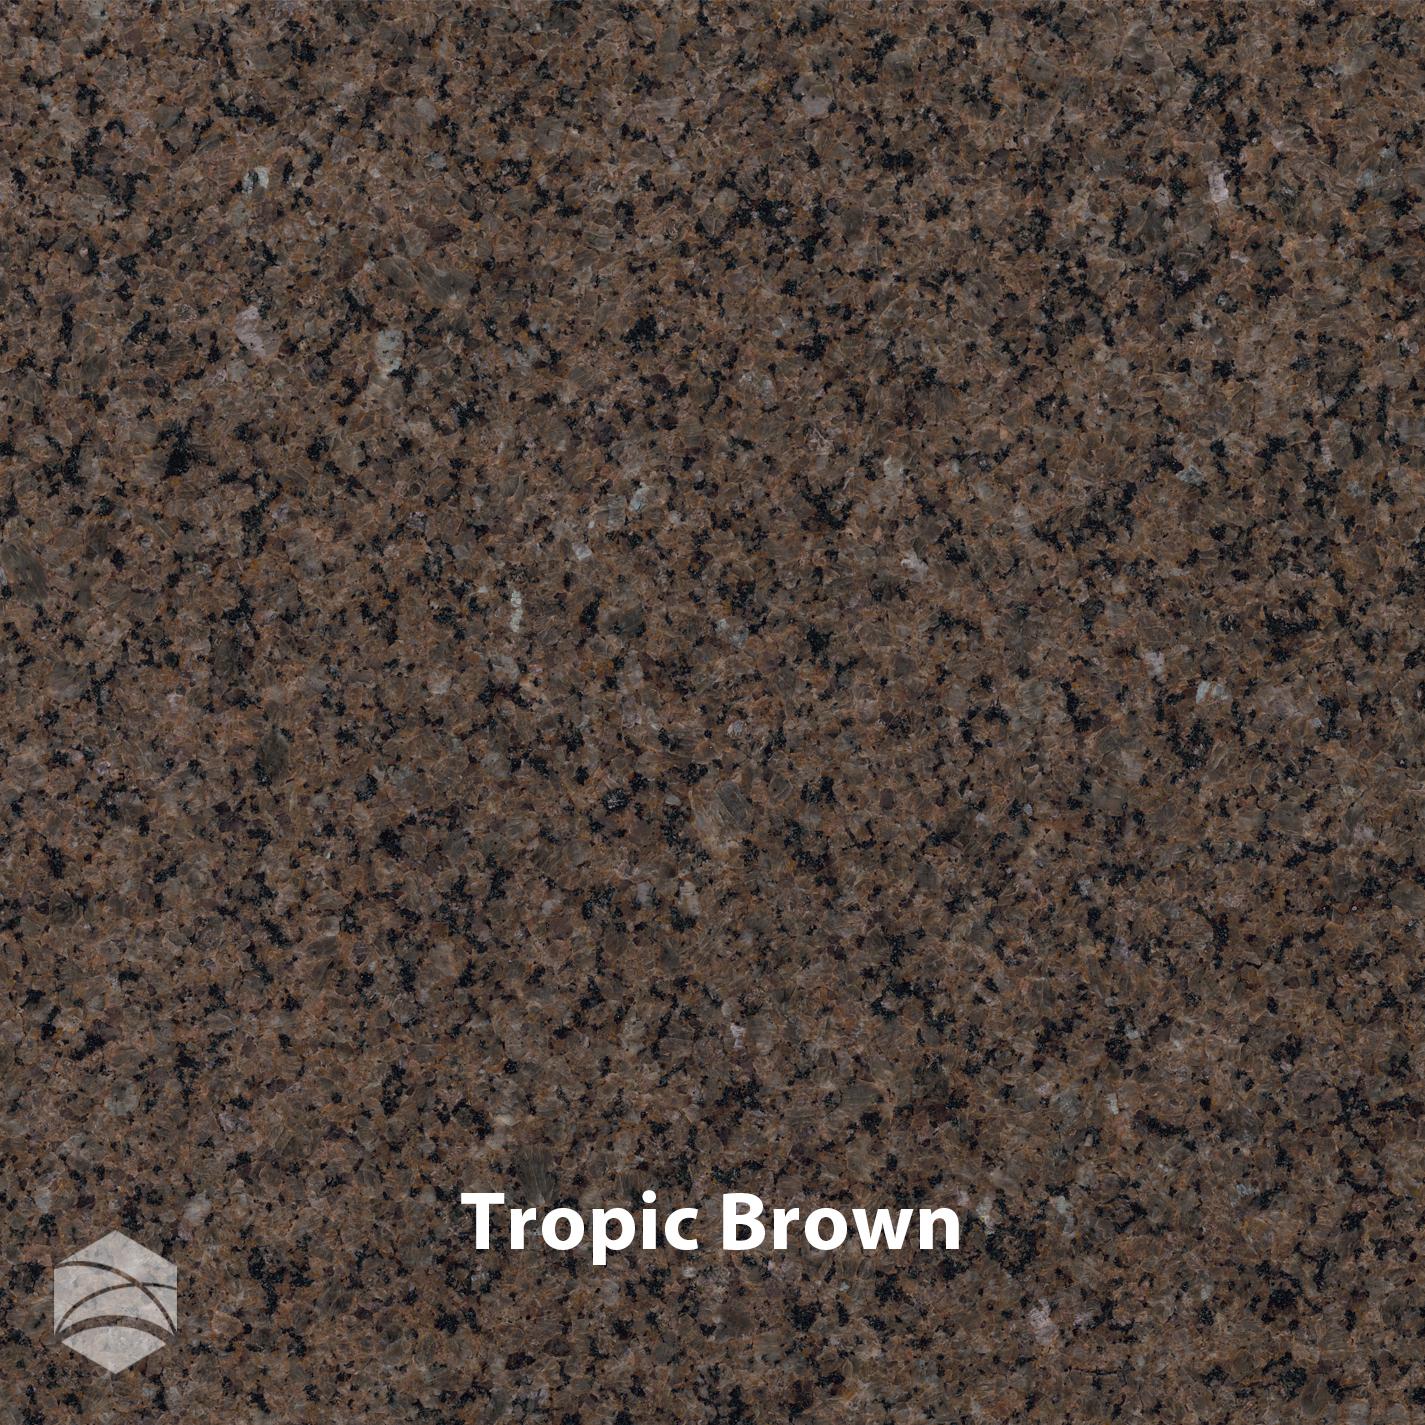 Tropic Brown_V2_14x14.jpg